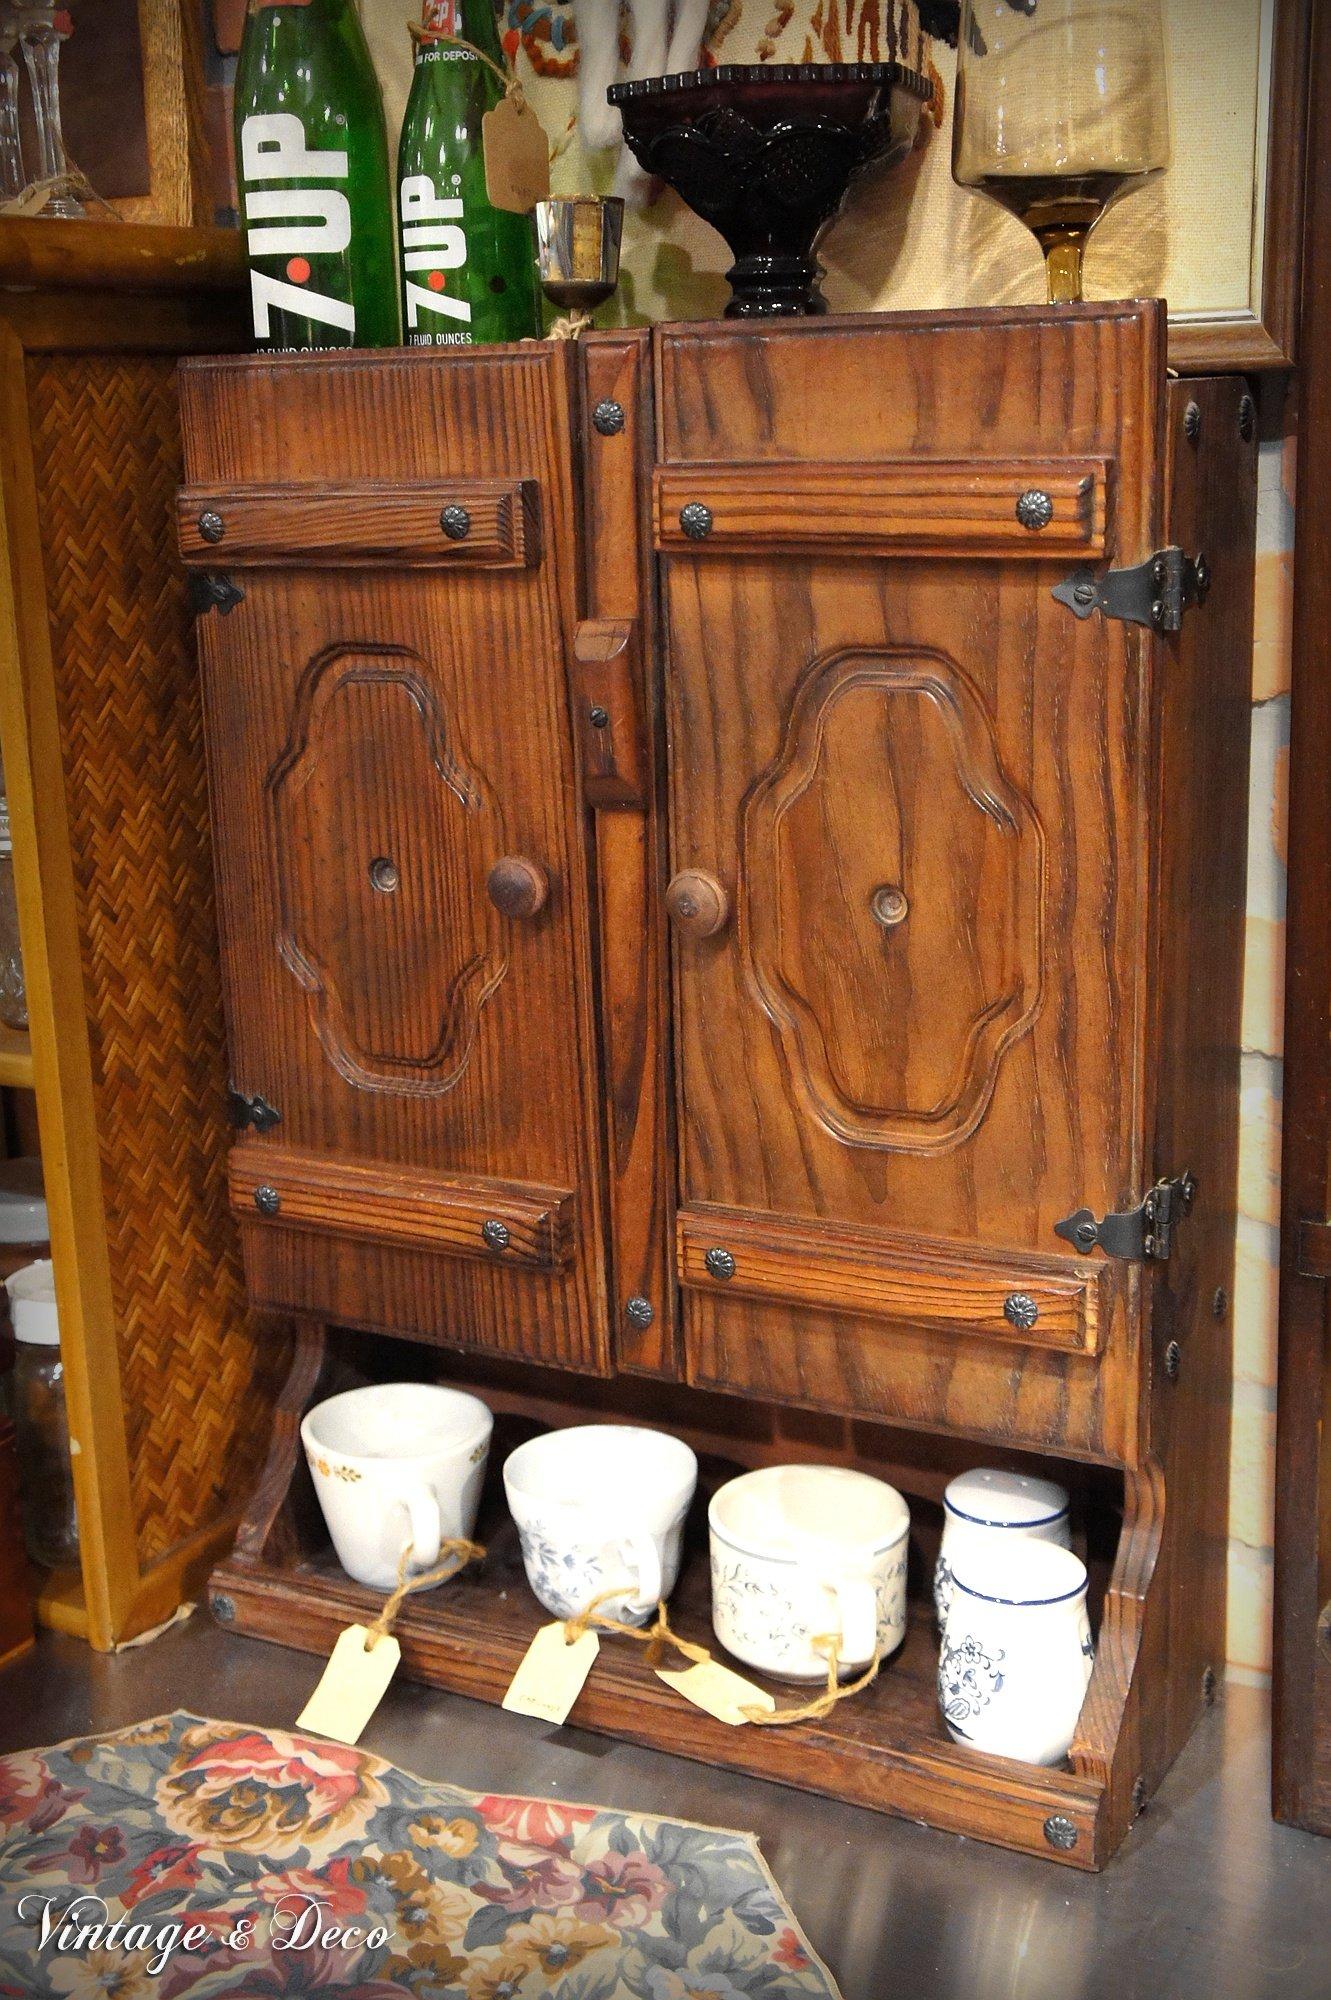 美國古董廚房木製收納小櫥櫃 復古廚房邊櫃 老木櫃 [KS-0334] 復古家具 二手櫃子 古董傢俱 中古舊木櫃 老櫥櫃